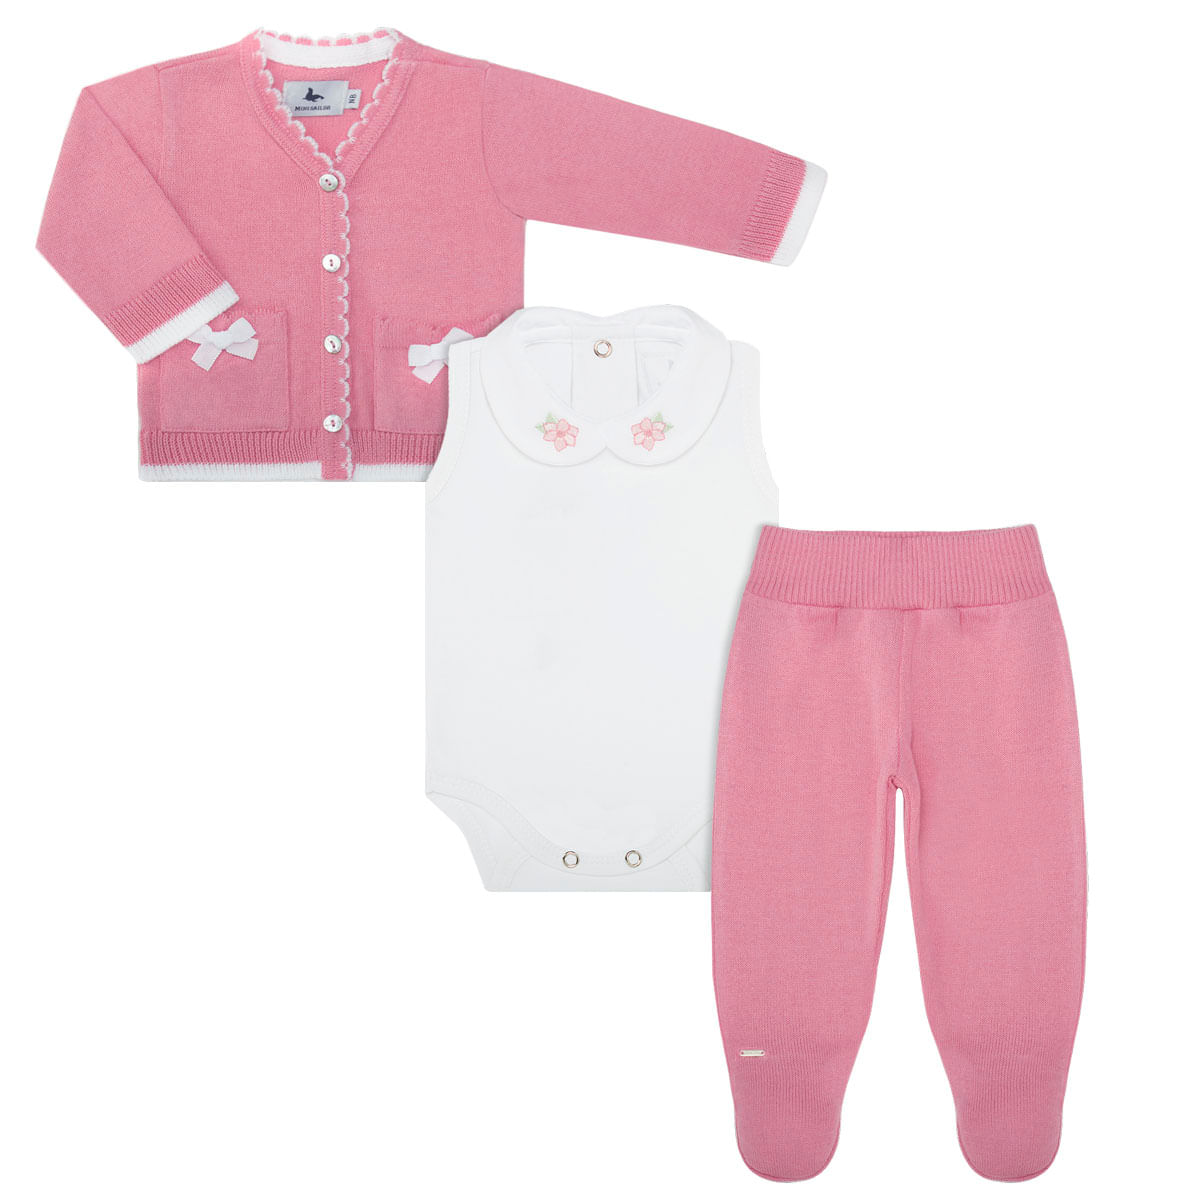 df8a0aefcf941 Pagão Floral Casaquinho Body Regata Calça Mijão em tricot- Mini Sailor no  bebefacil loja de roupas enxoval acessorios e brinquedos para bebes -  bebefacil